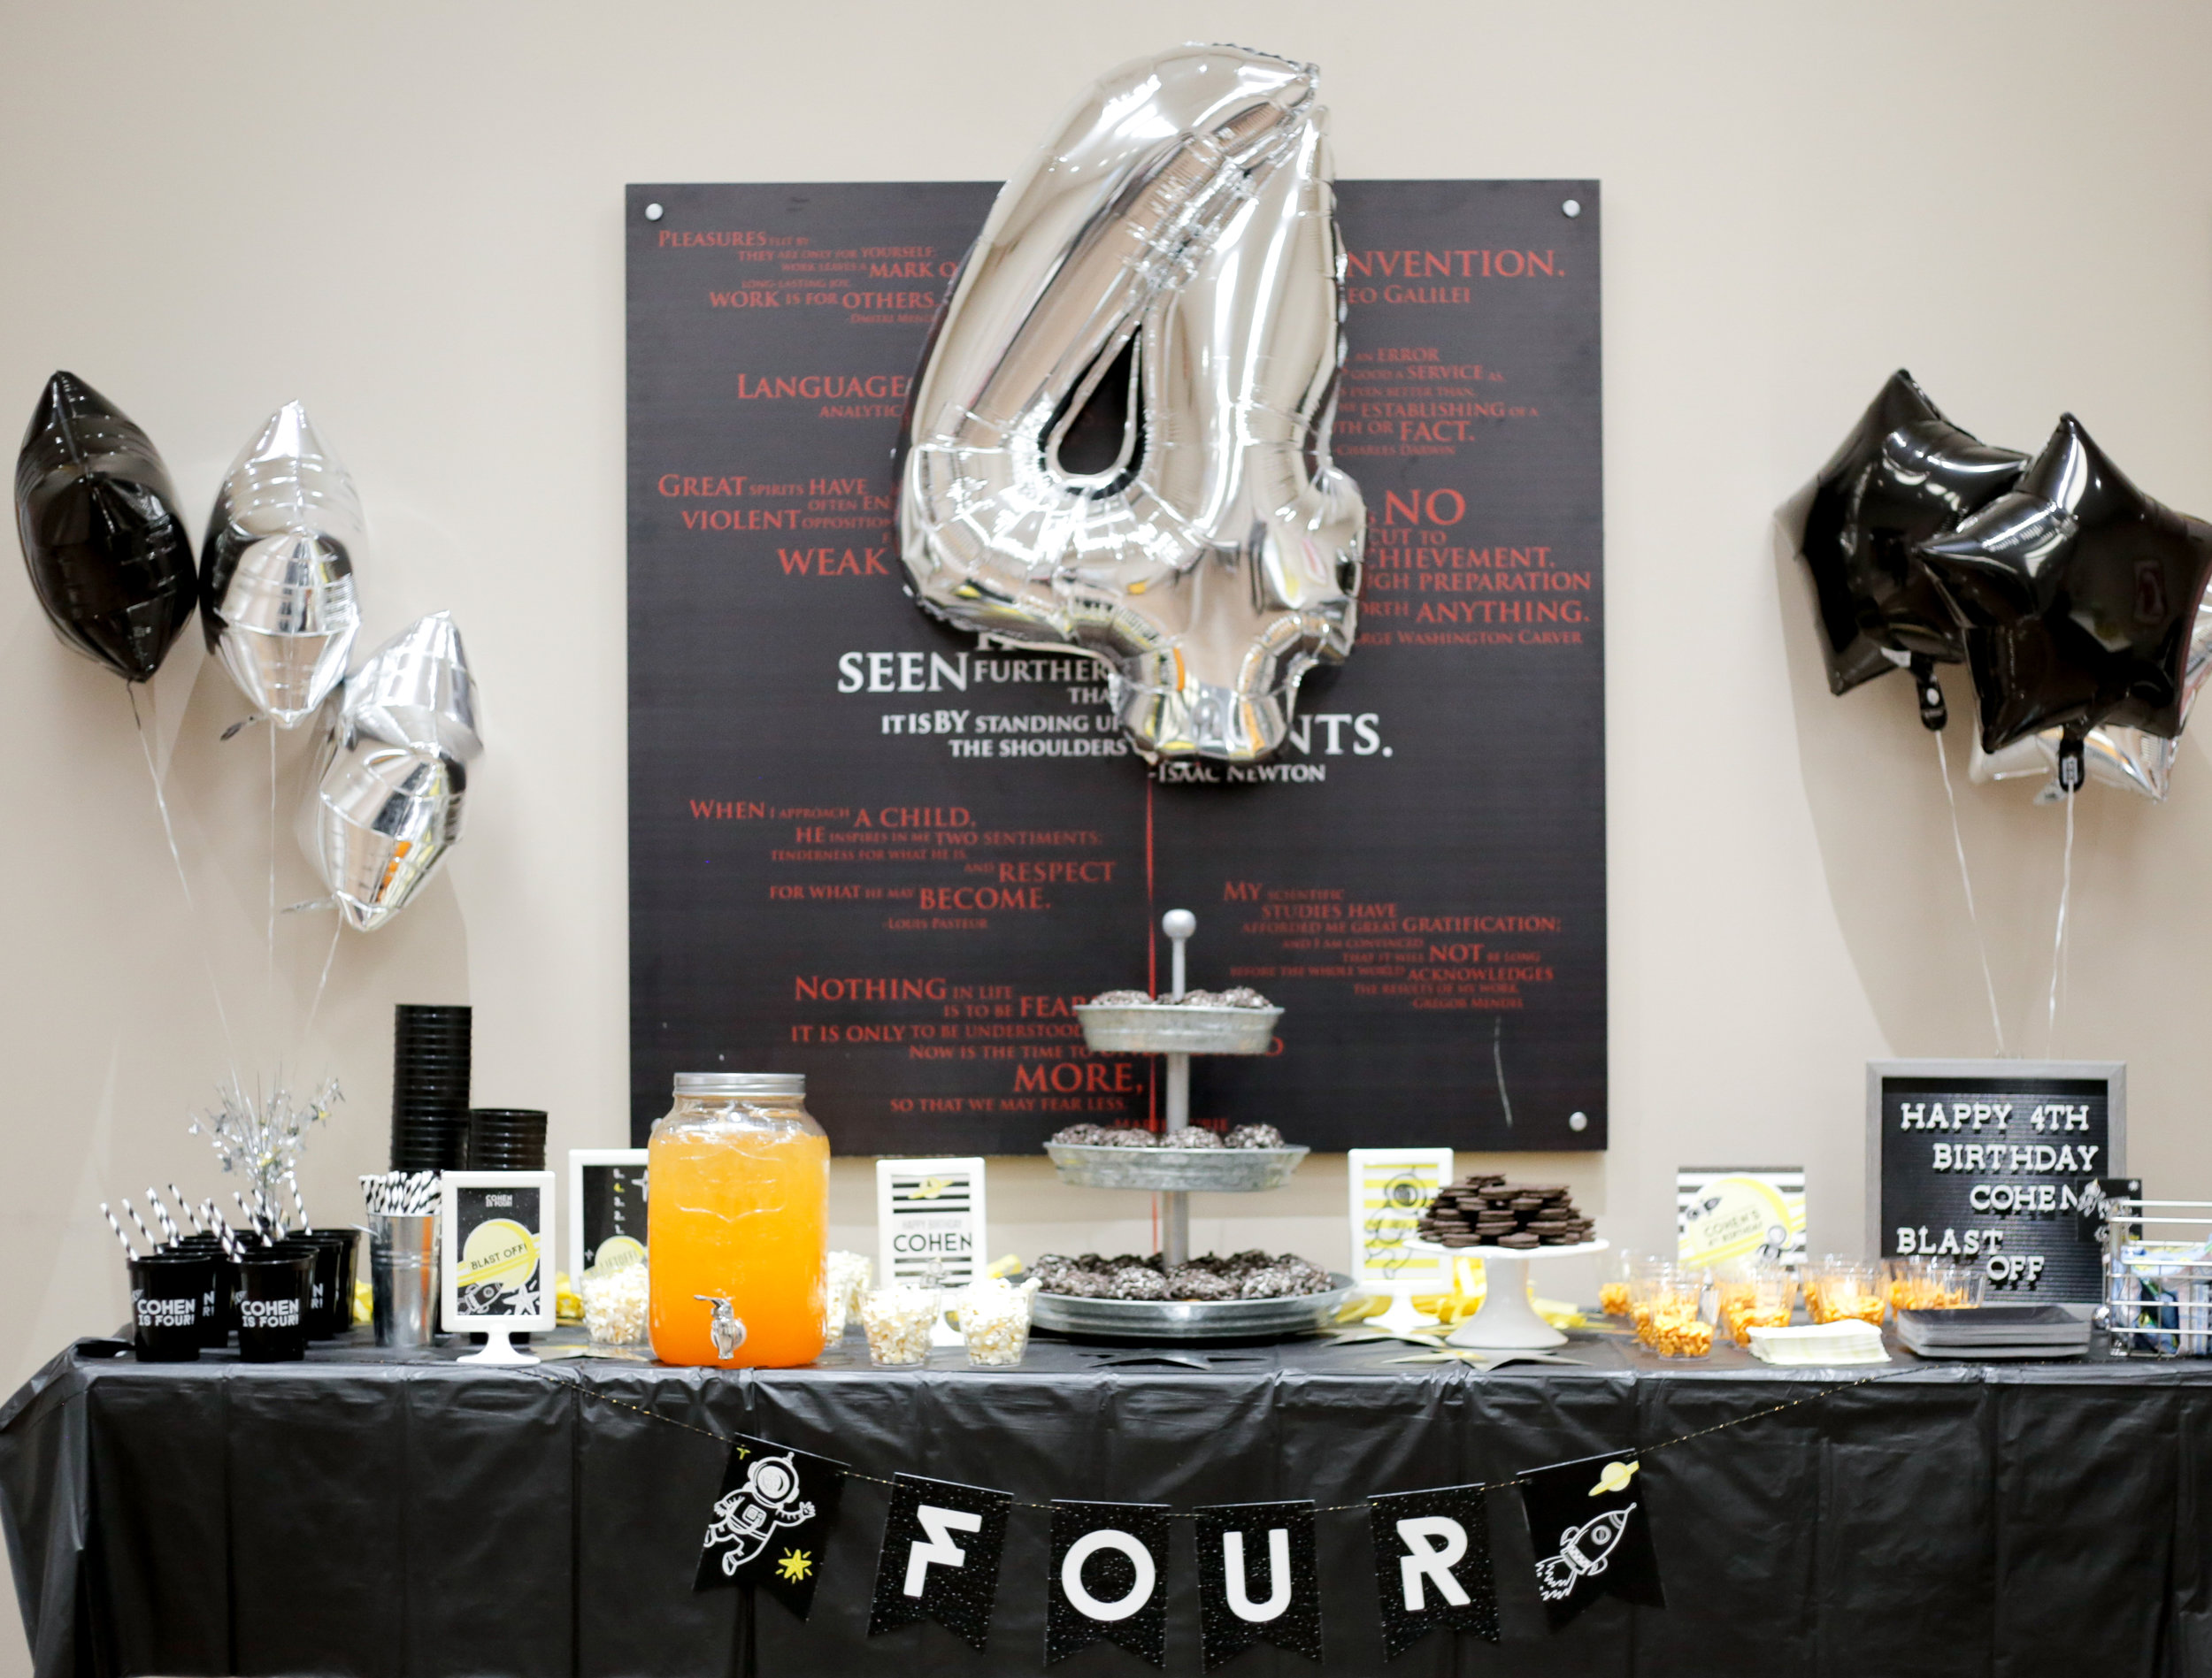 cjh_4th_birthdayparty-21.jpg